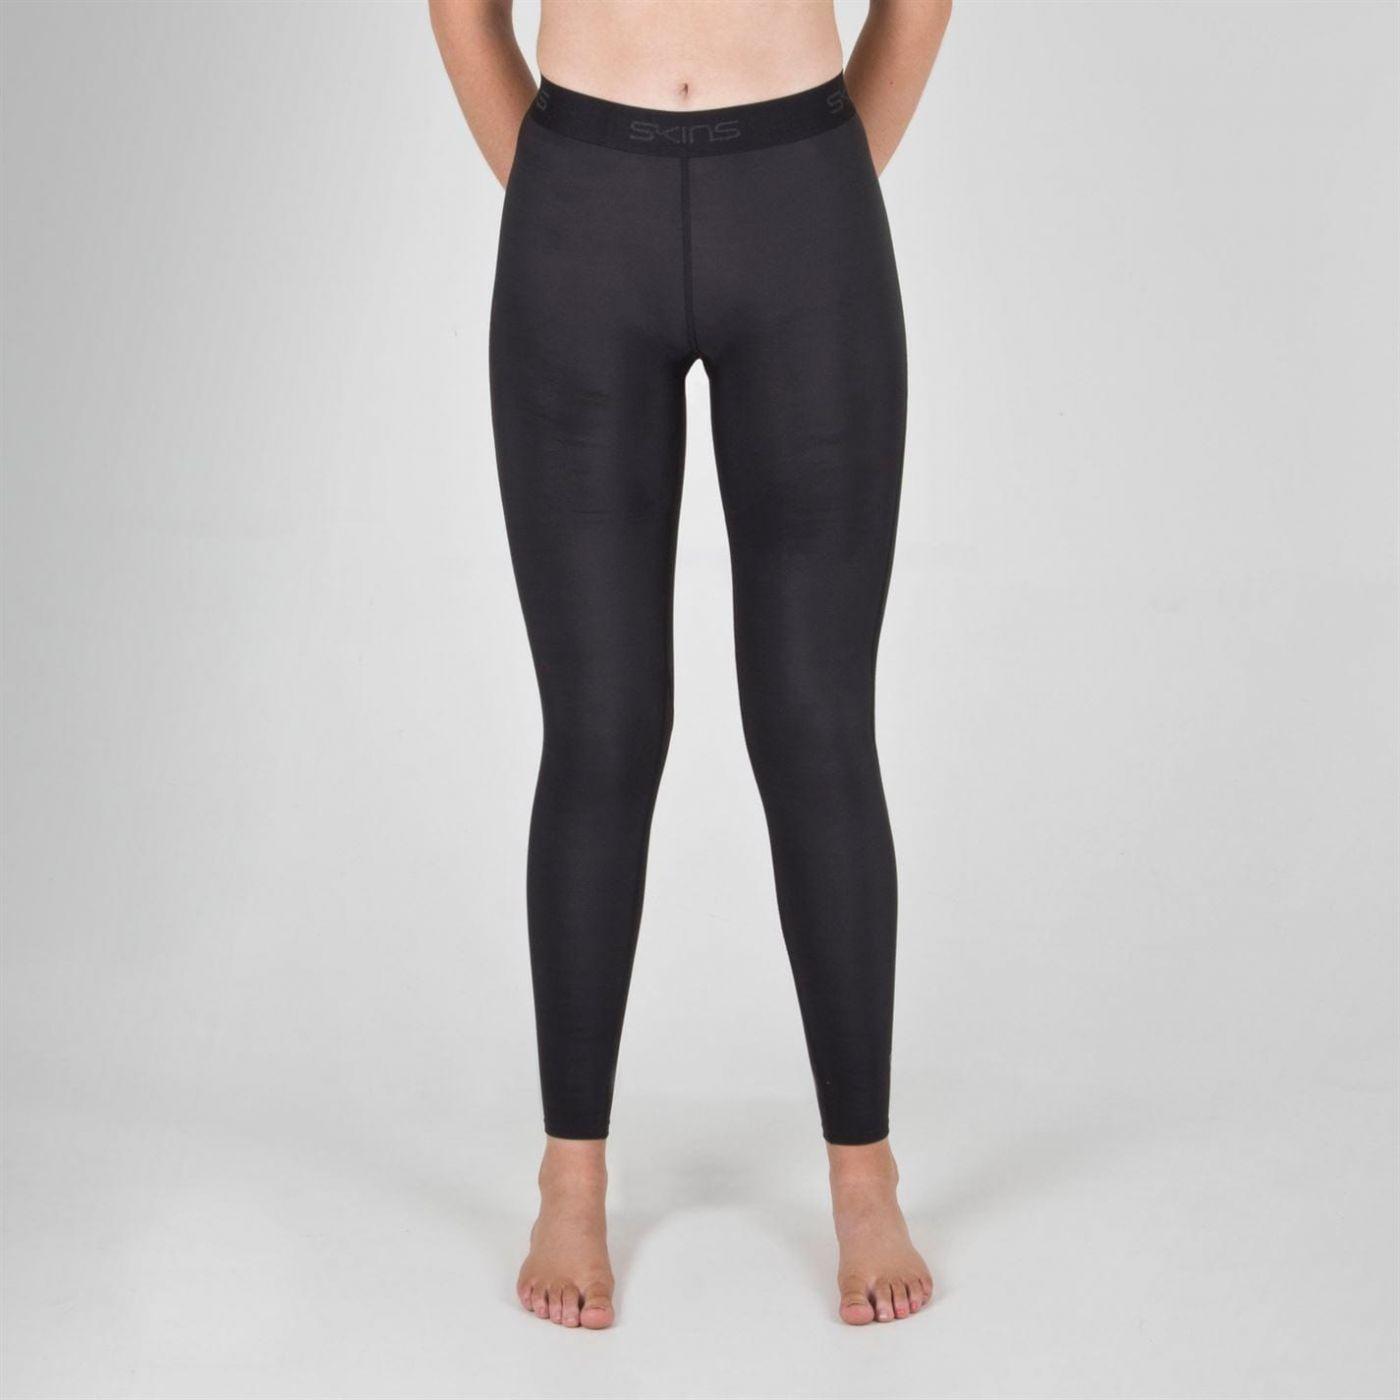 Women's leggings SKINS BsLyr